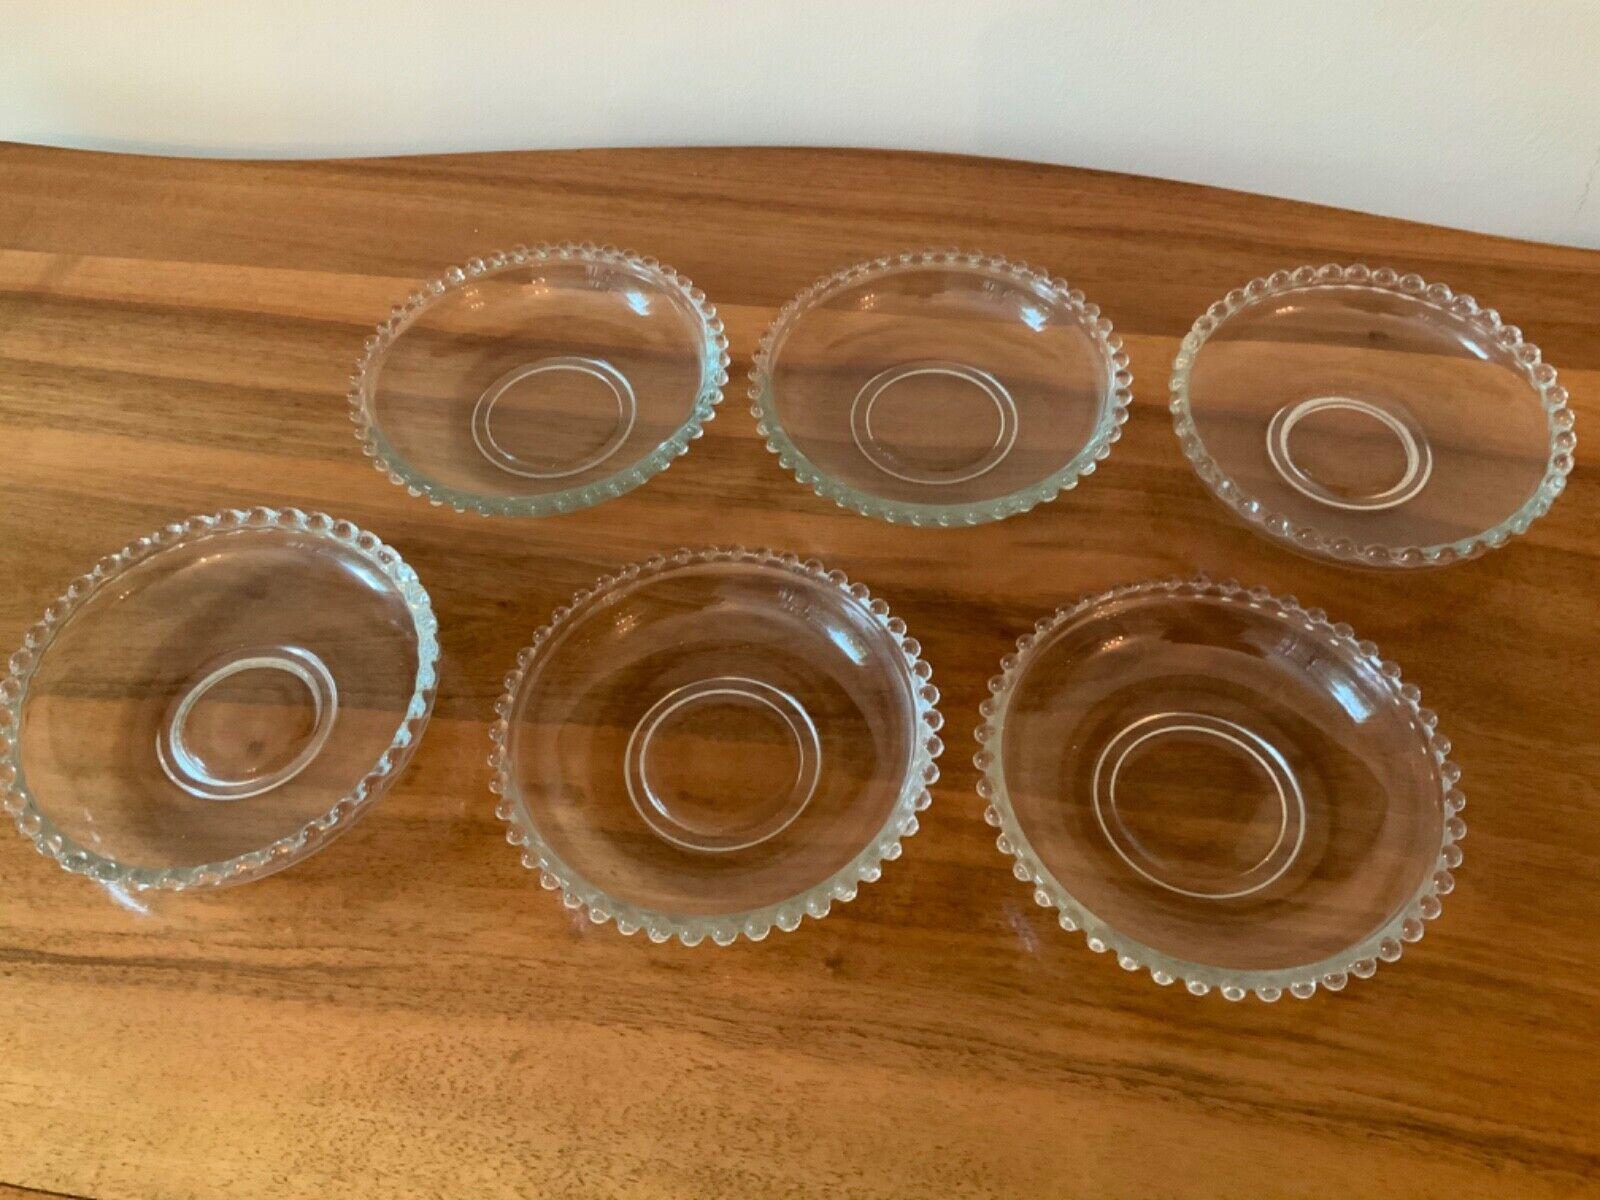 6 Dessert Beilagenteller Glas mit Perlrand 16 cm Perles Cote Table